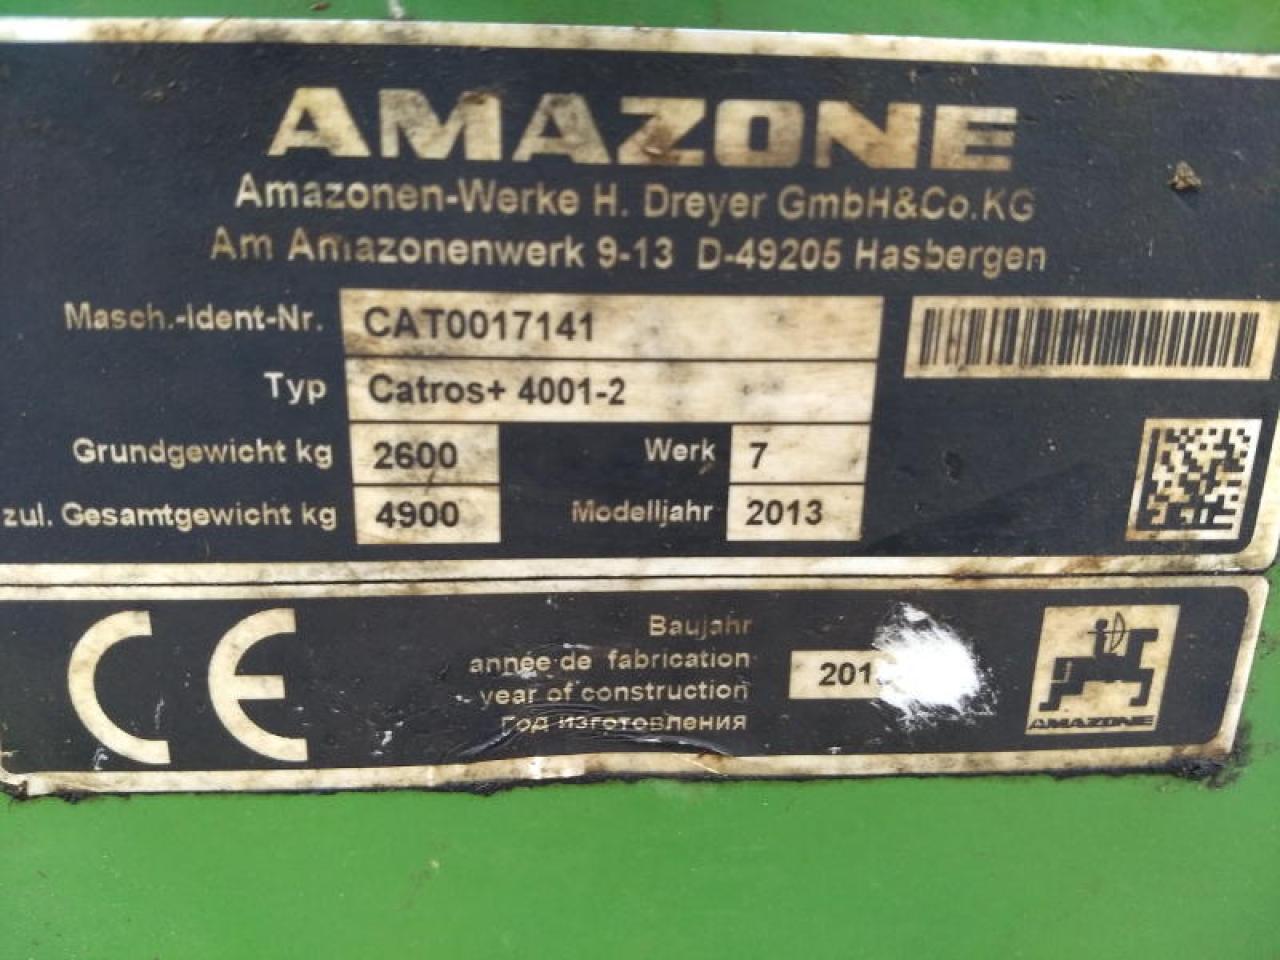 Amazone CATROS 4001-2